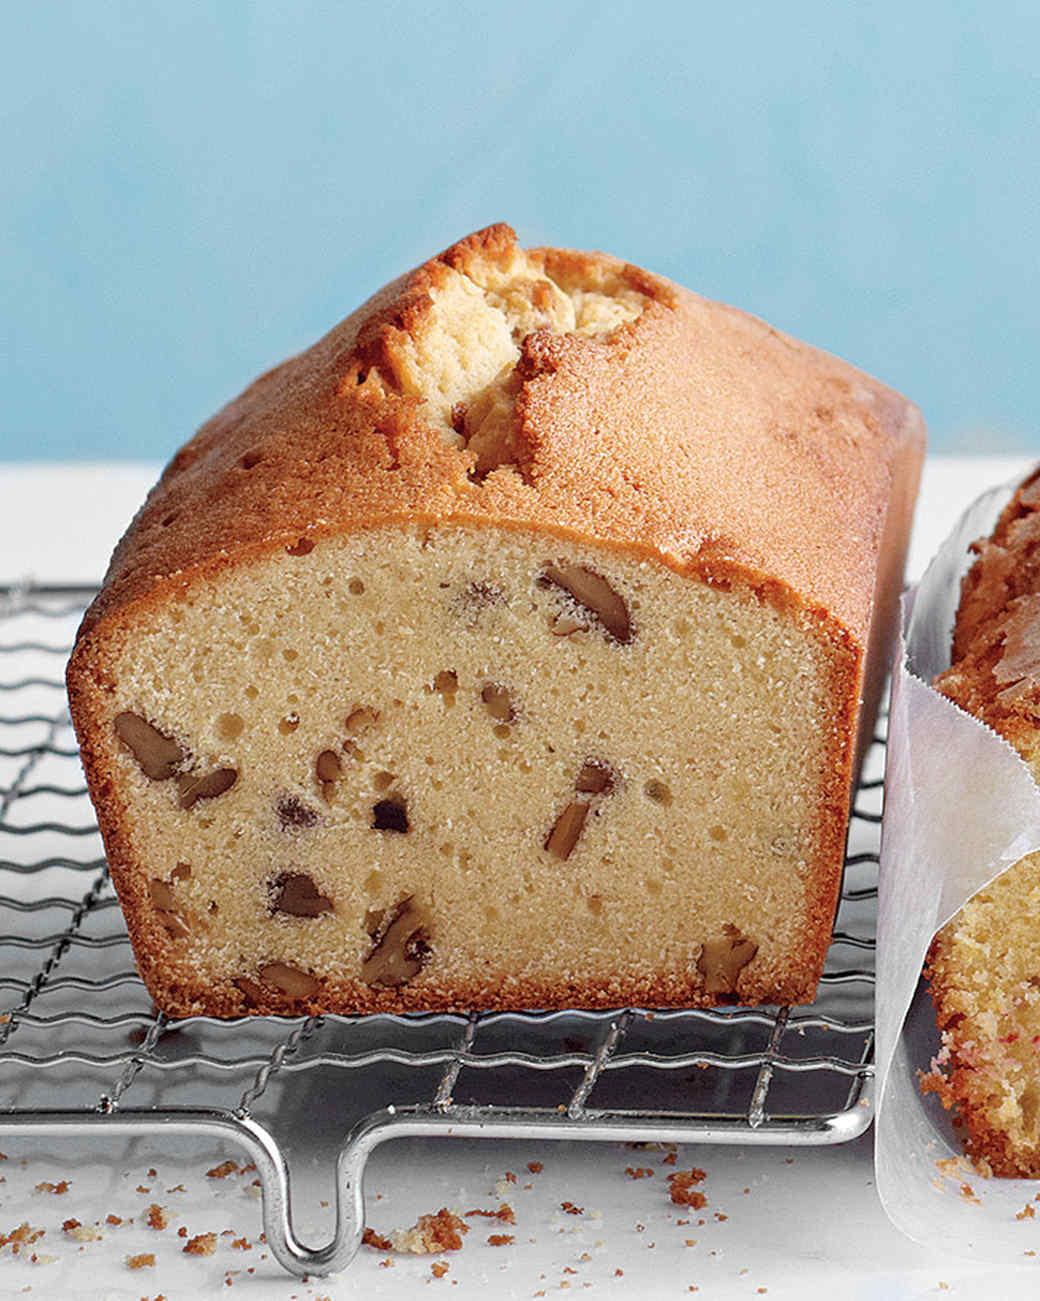 brown-sugar-poundcake-miy-0511med106942.jpg